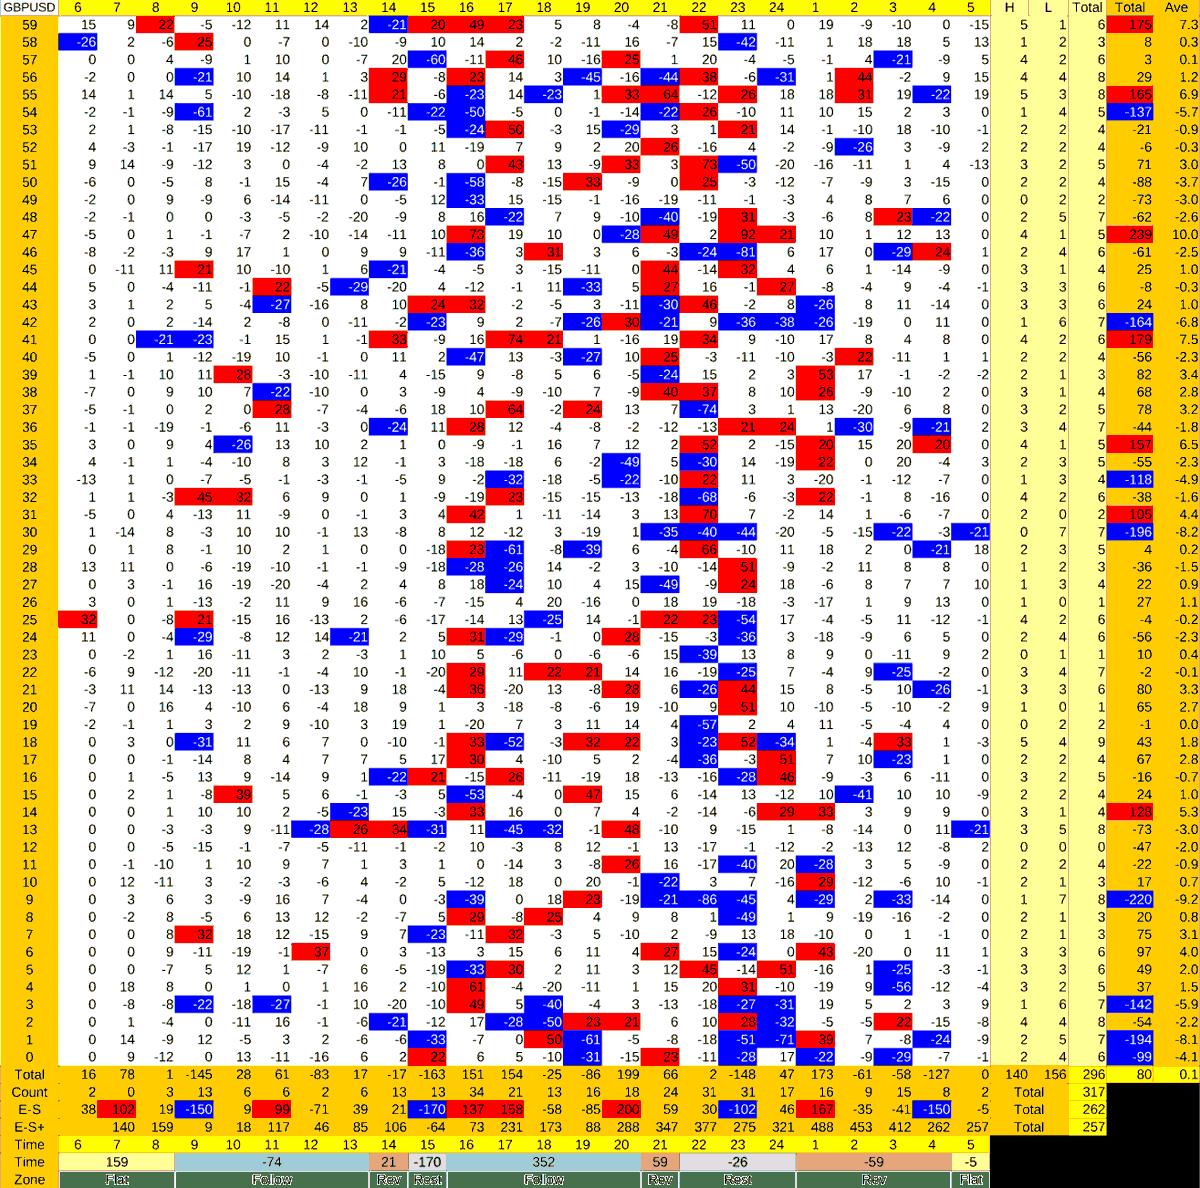 20210511_HS(2)GBPUSD